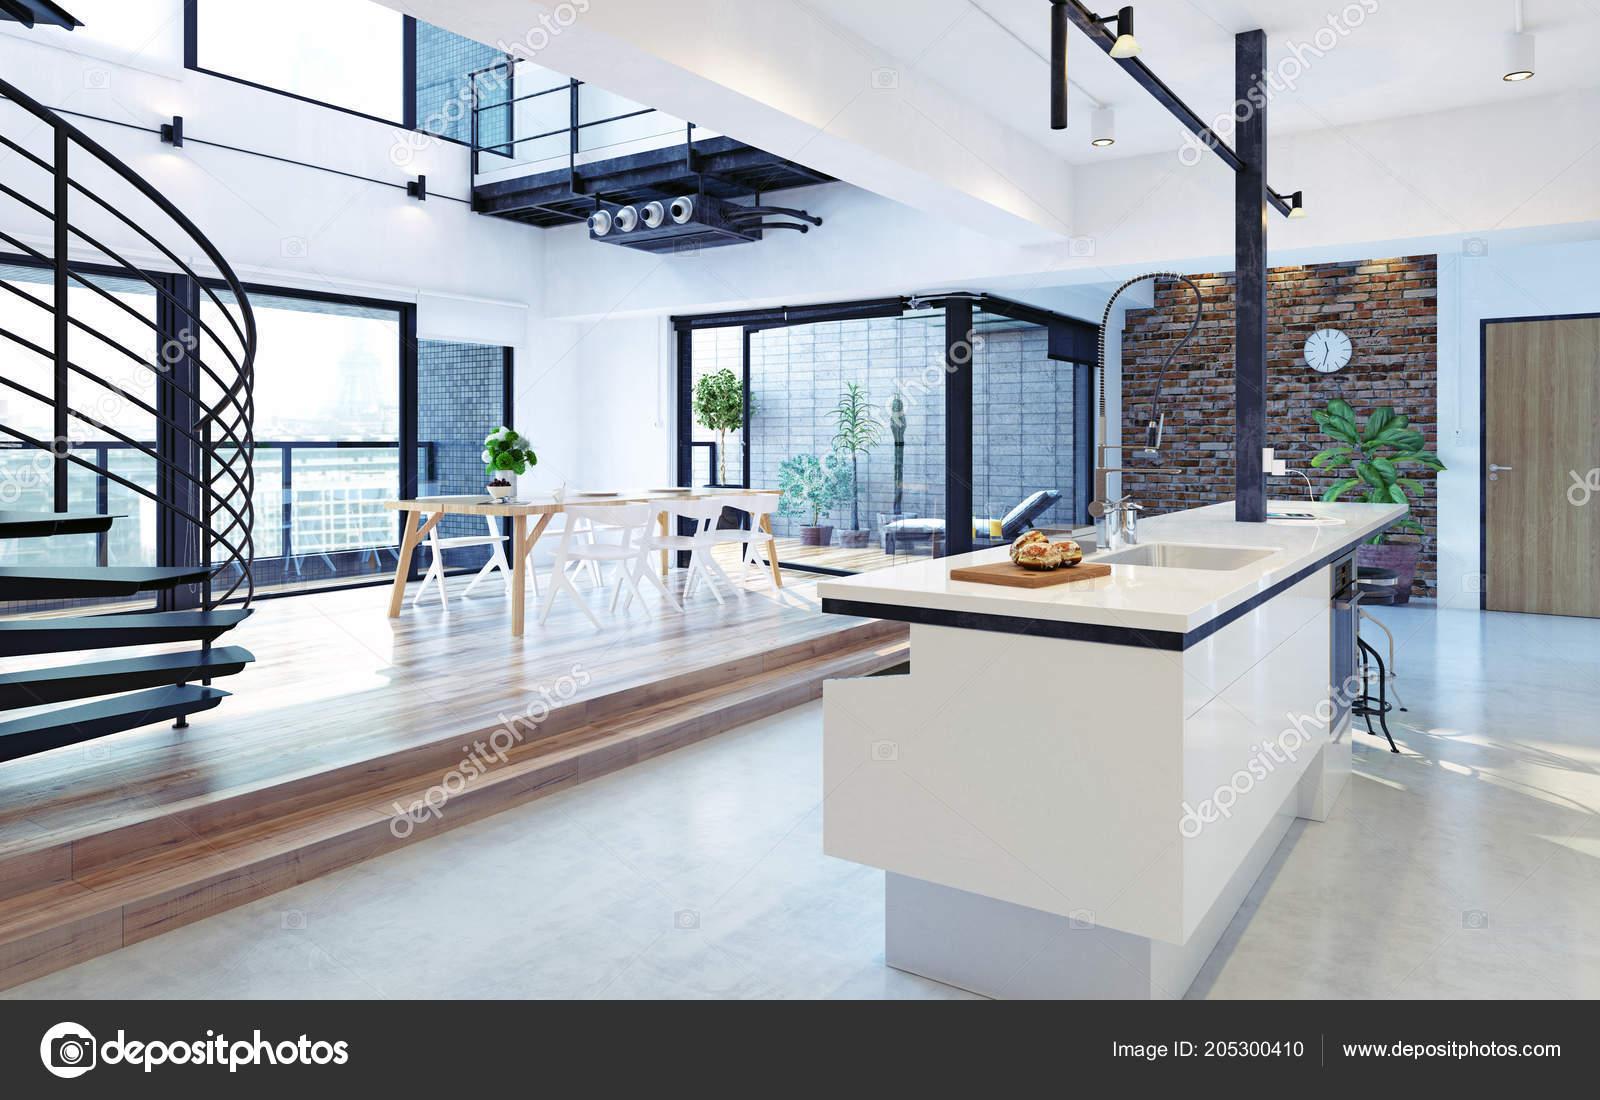 Interiore lusso moderno loft appartamento concetto rendering u2014 foto